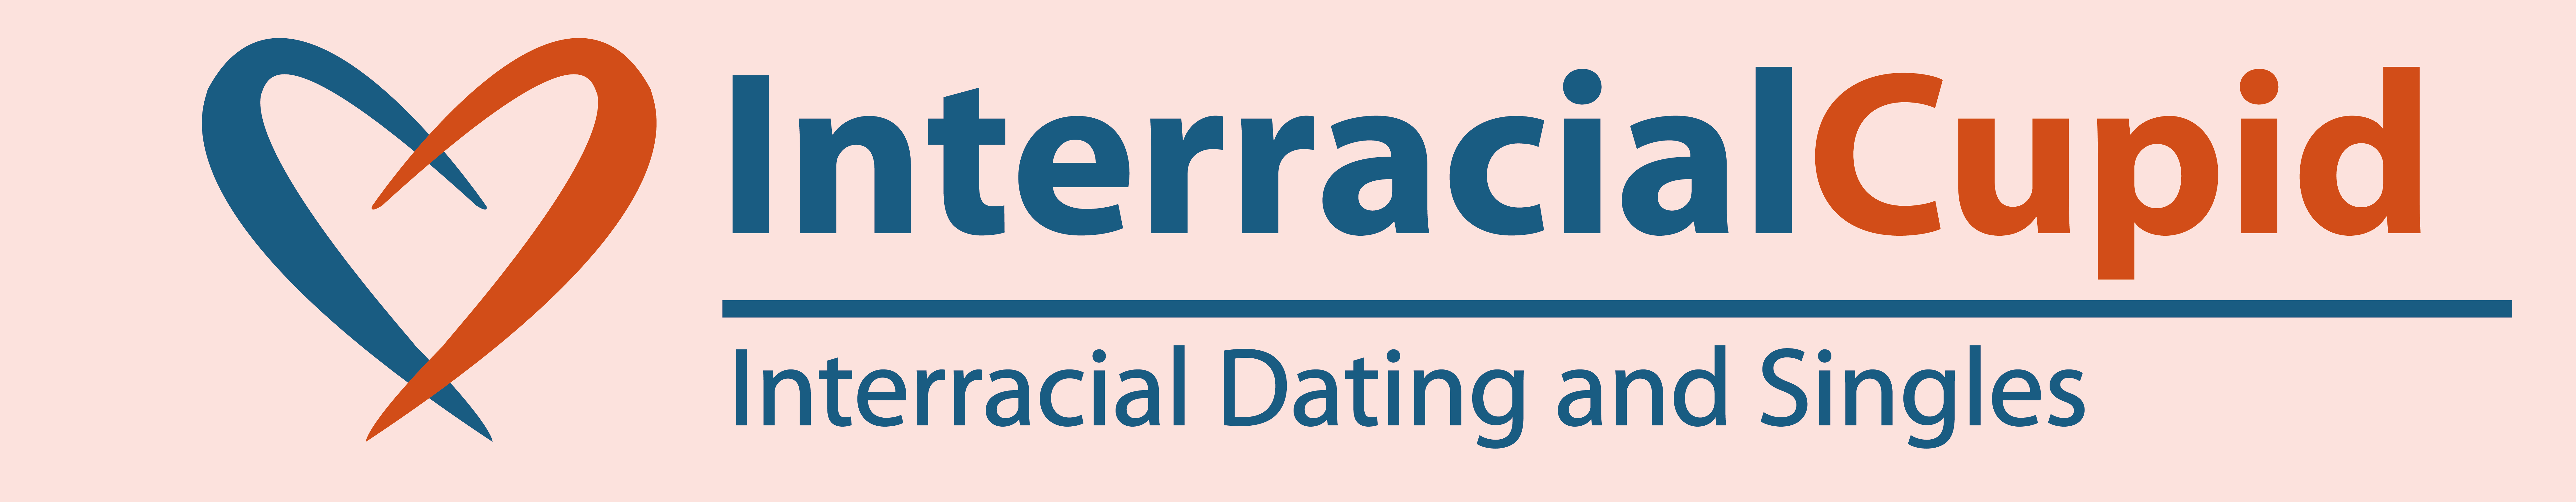 Interracial Cupid Logo